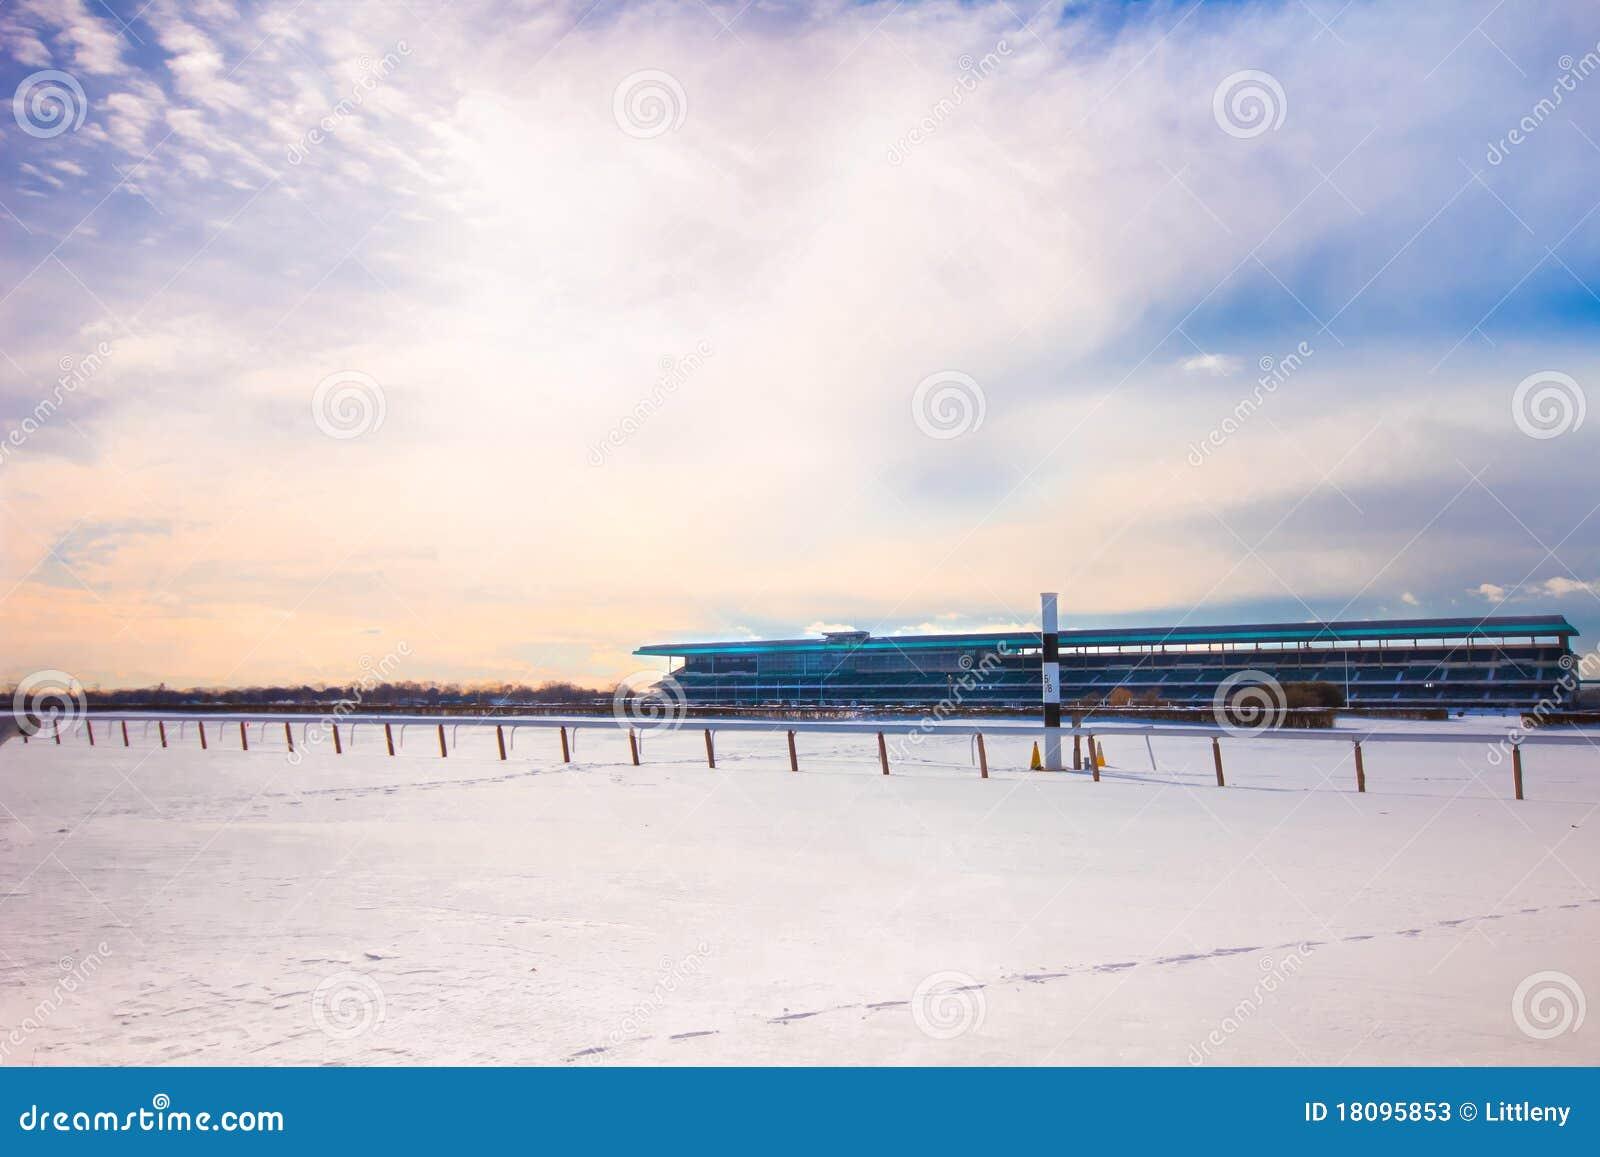 Belmont Race Track Winter 2011